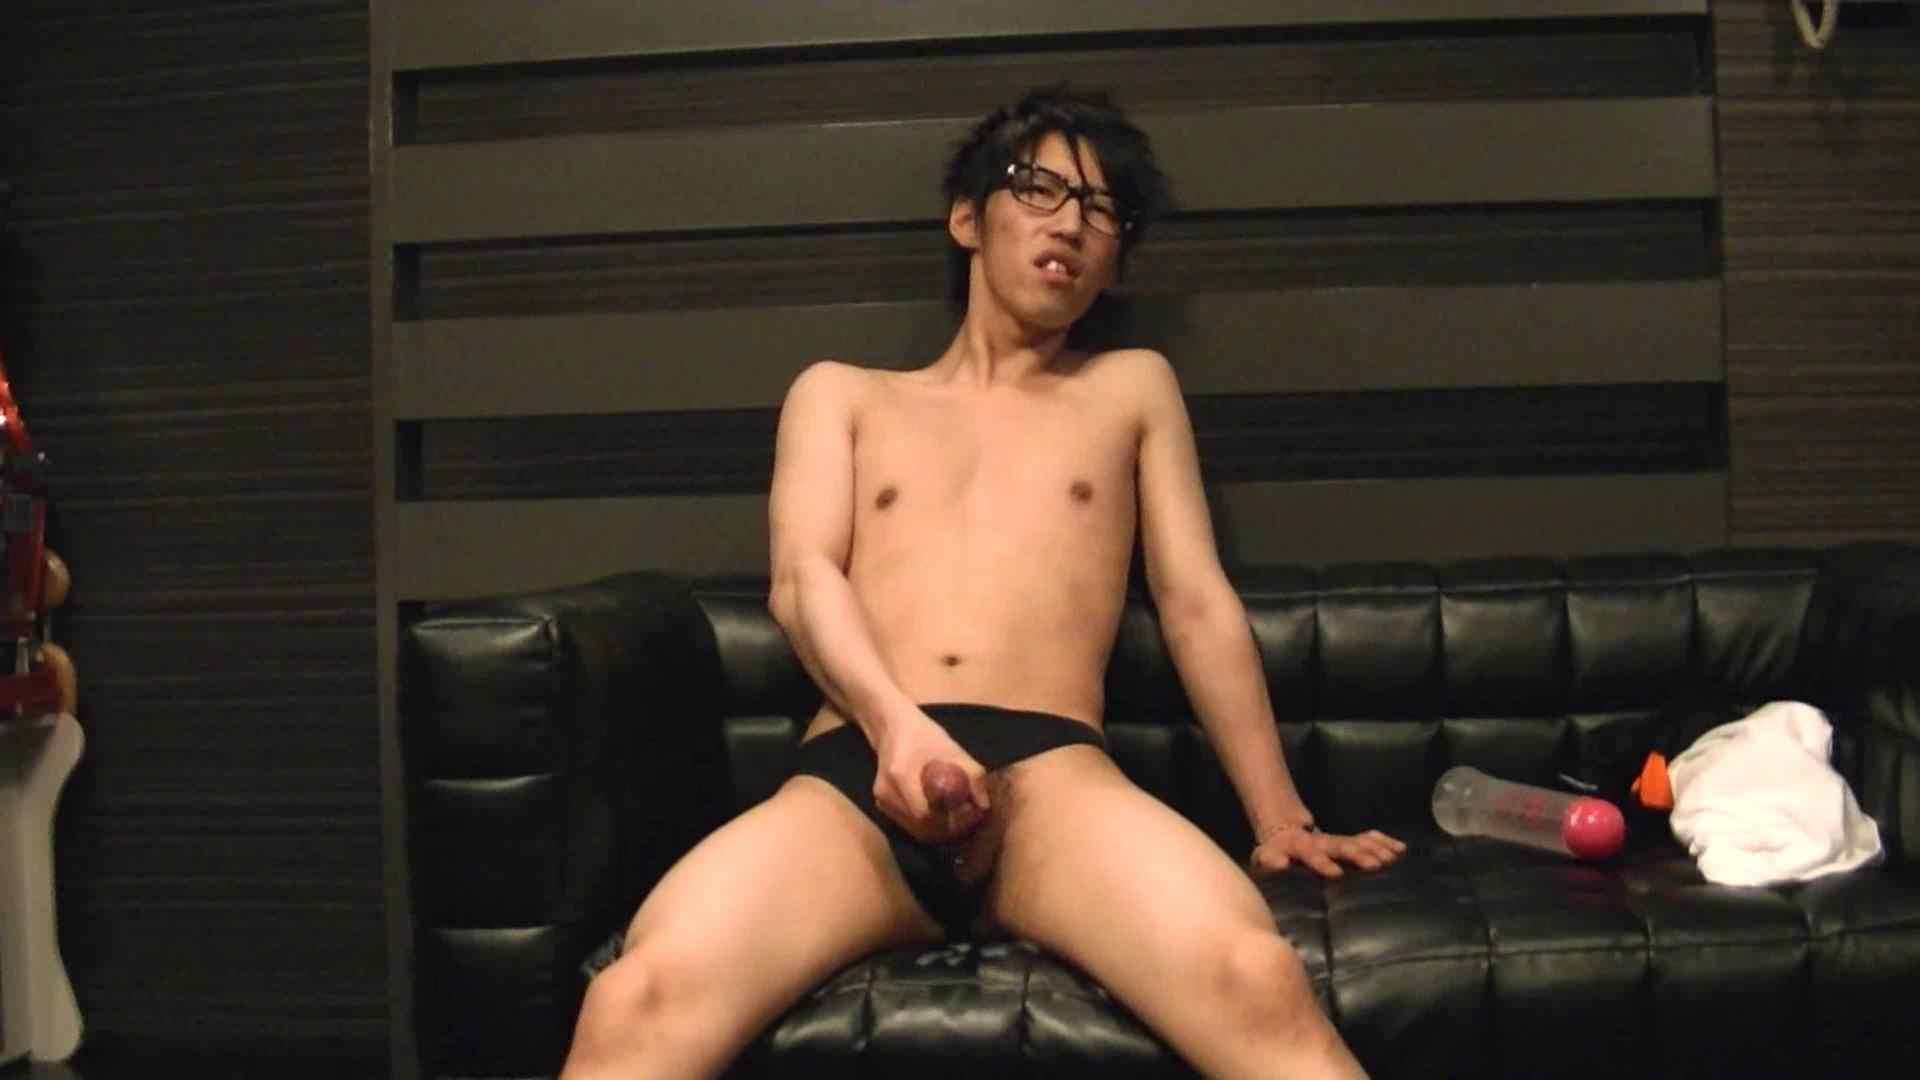 ONA見せカーニバル!! Vol3 ゲイのオナニー映像  103枚 20